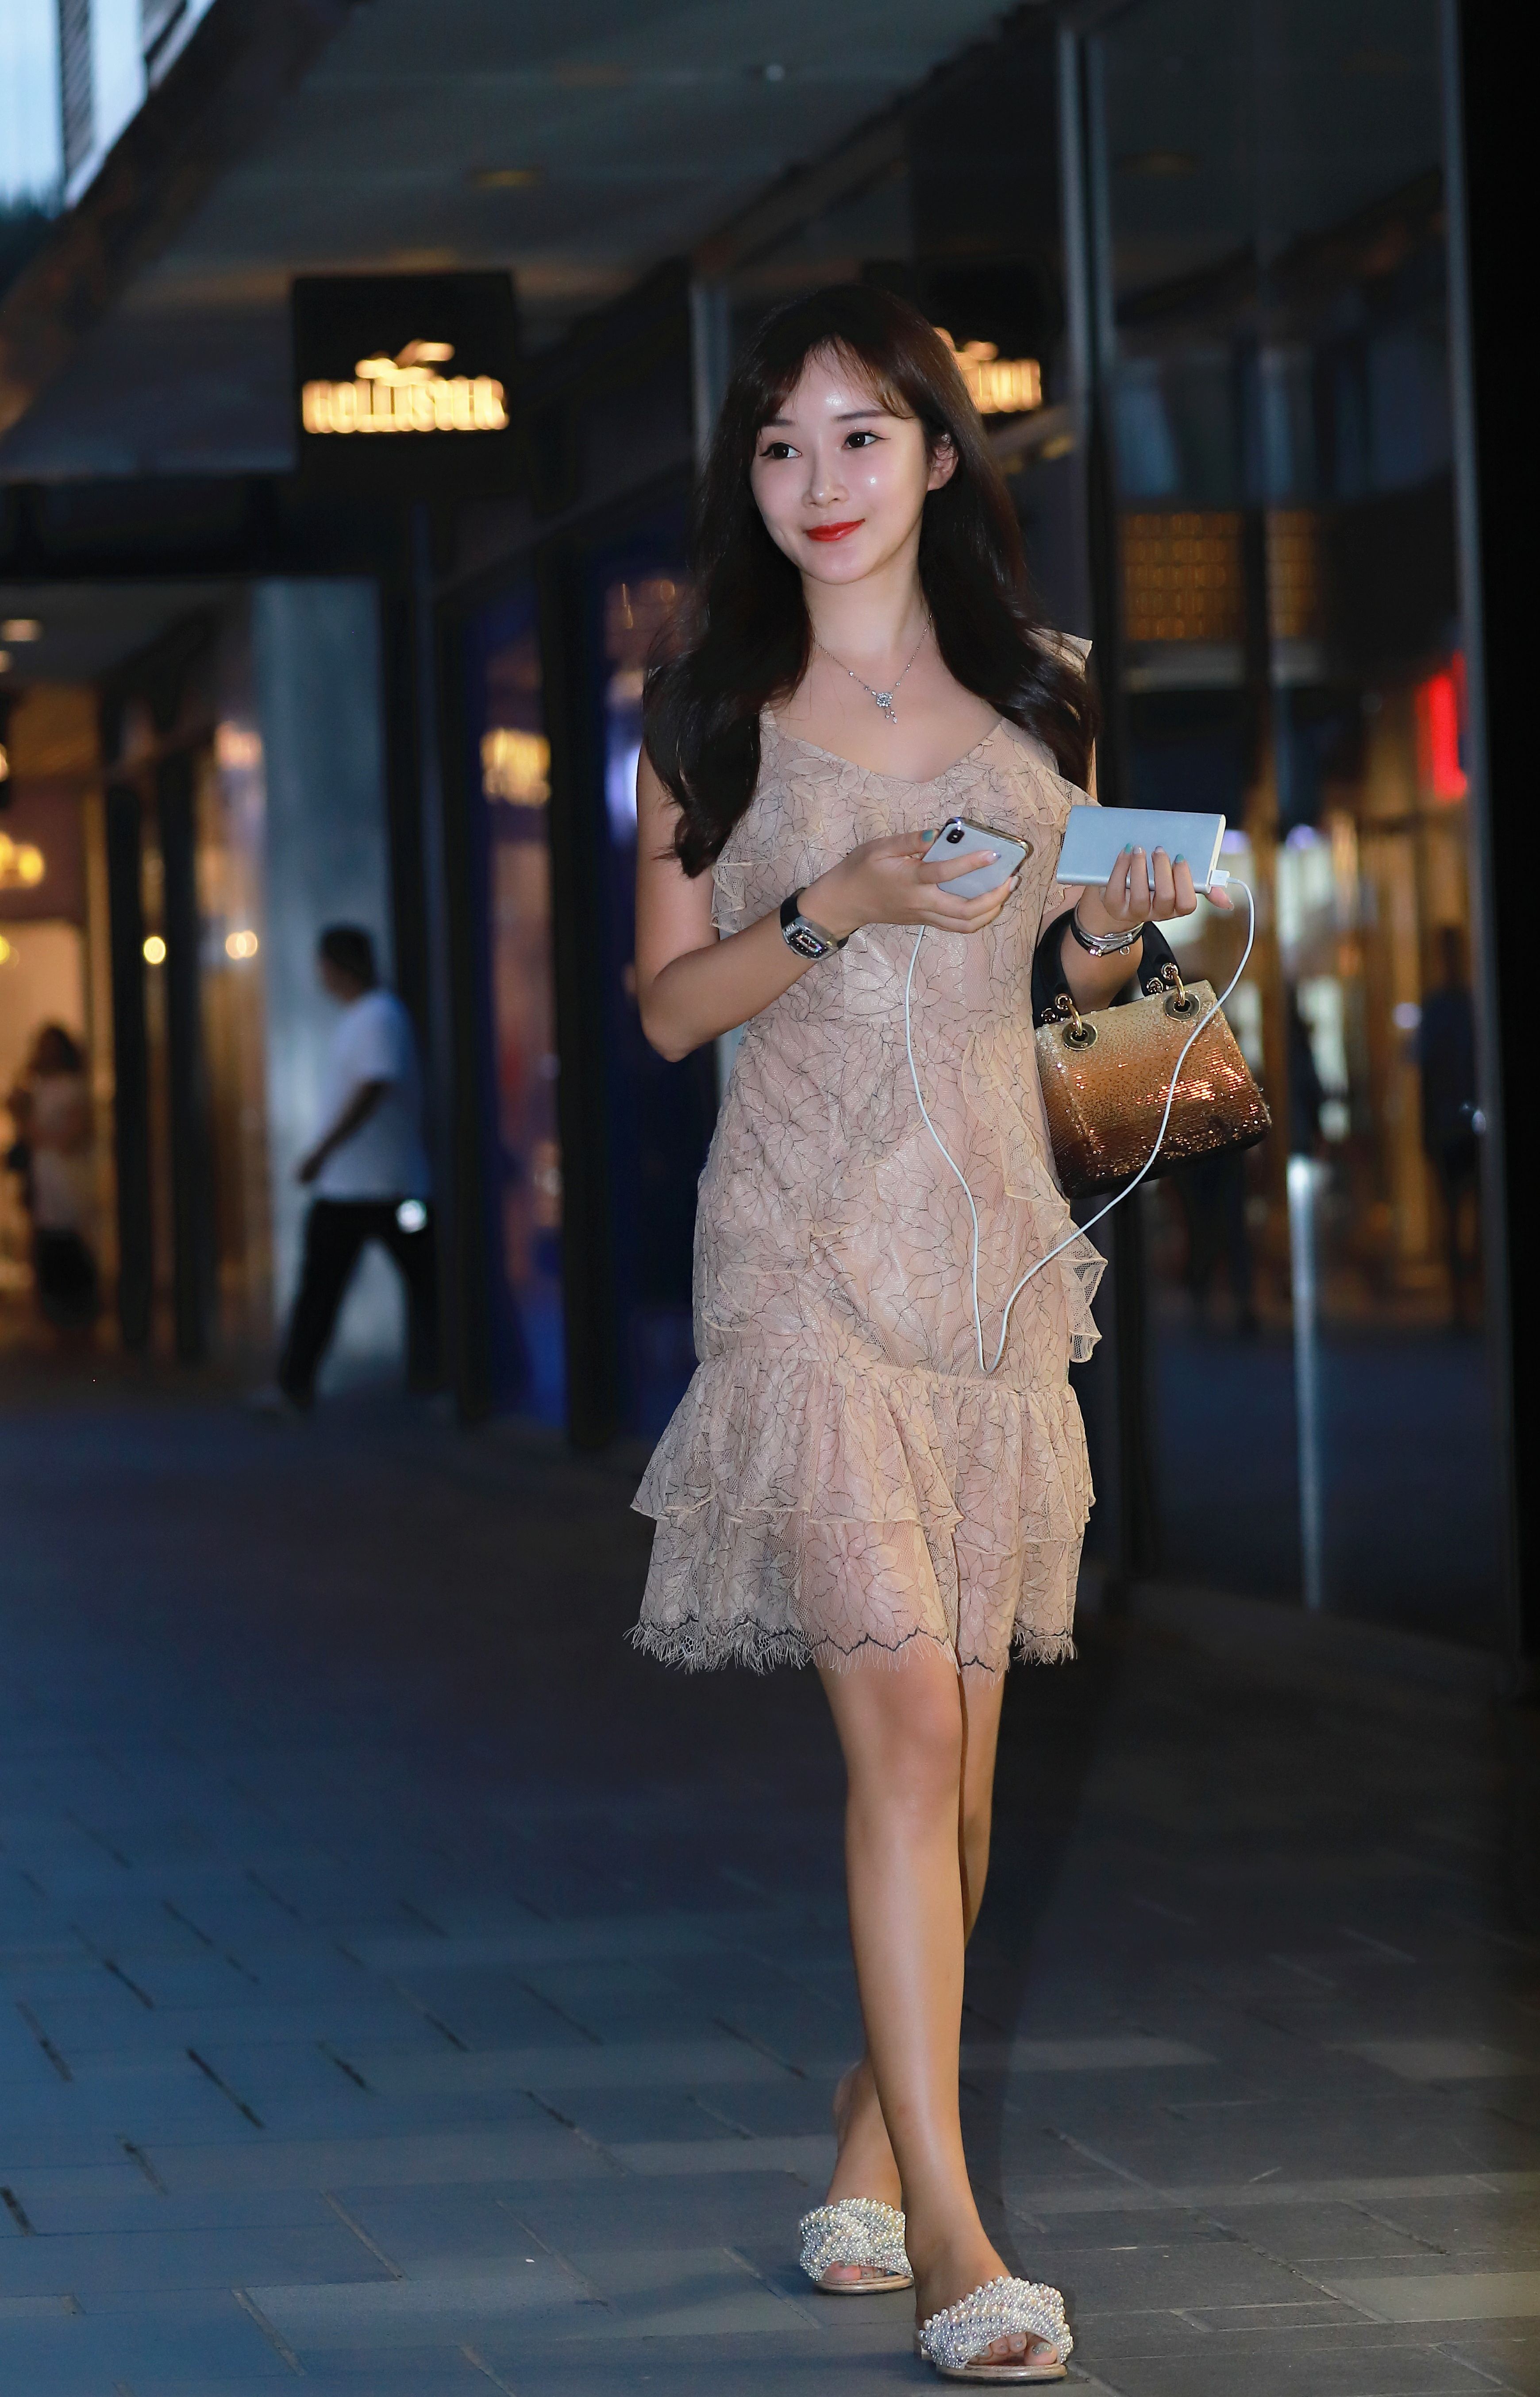 亚洲情色视频桃花淫荡_照片中,黄色连衣裙的这位姑娘面如桃花,乖巧可爱,你喜欢看吗?